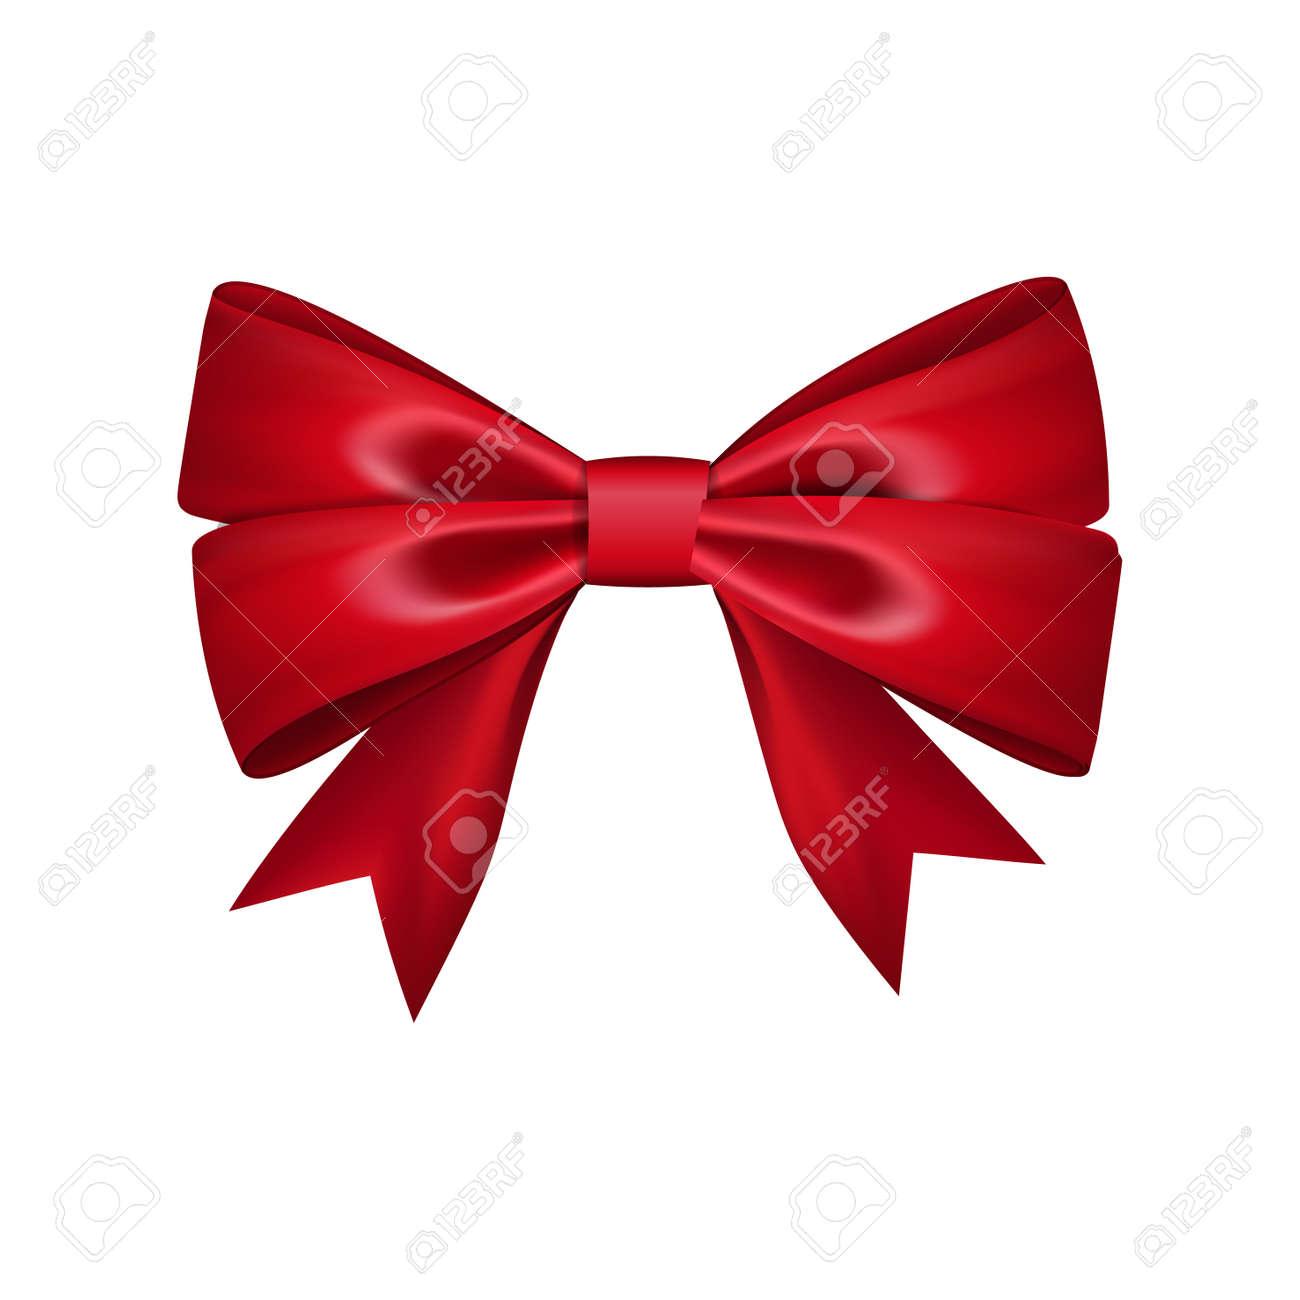 Ruban Cadeau Arc En Soie. Noeud Papillon Rouge Isolé. Noeud